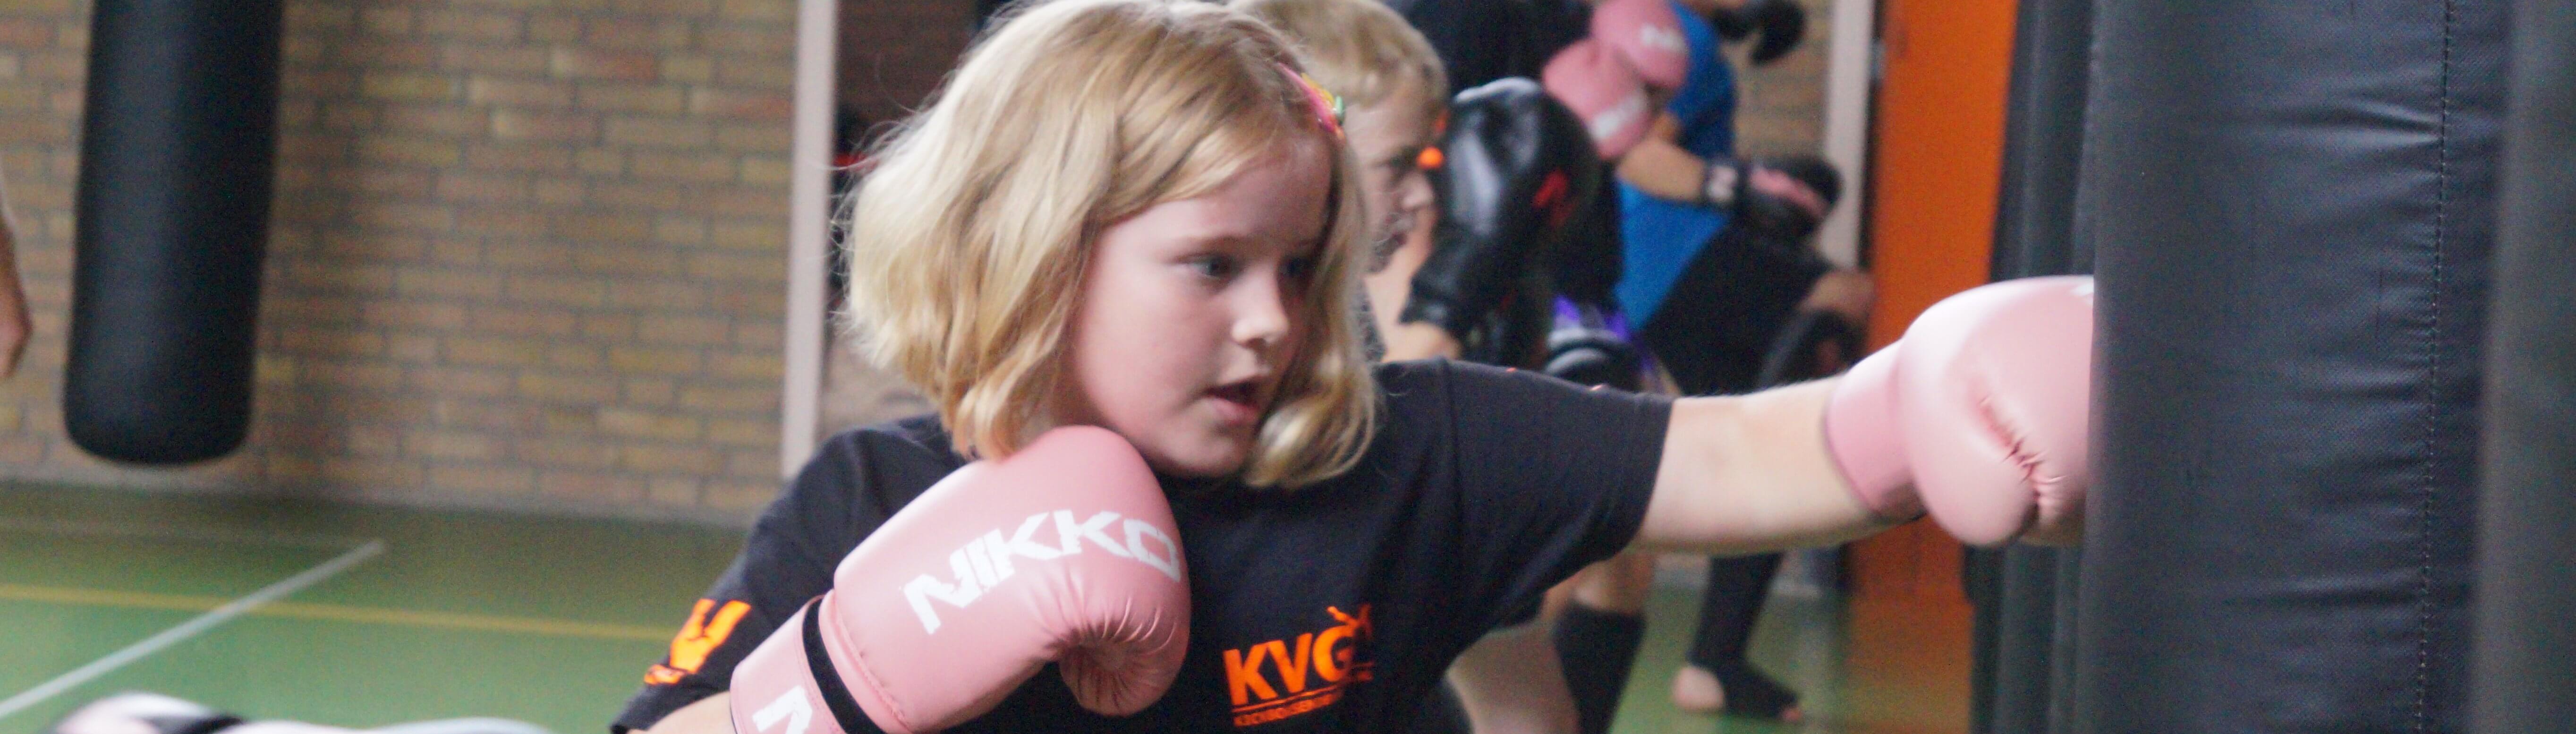 Succesvol Sjors Sportief / Creatief gaat door, gemeente start met Try Out voor middelbare scholieren